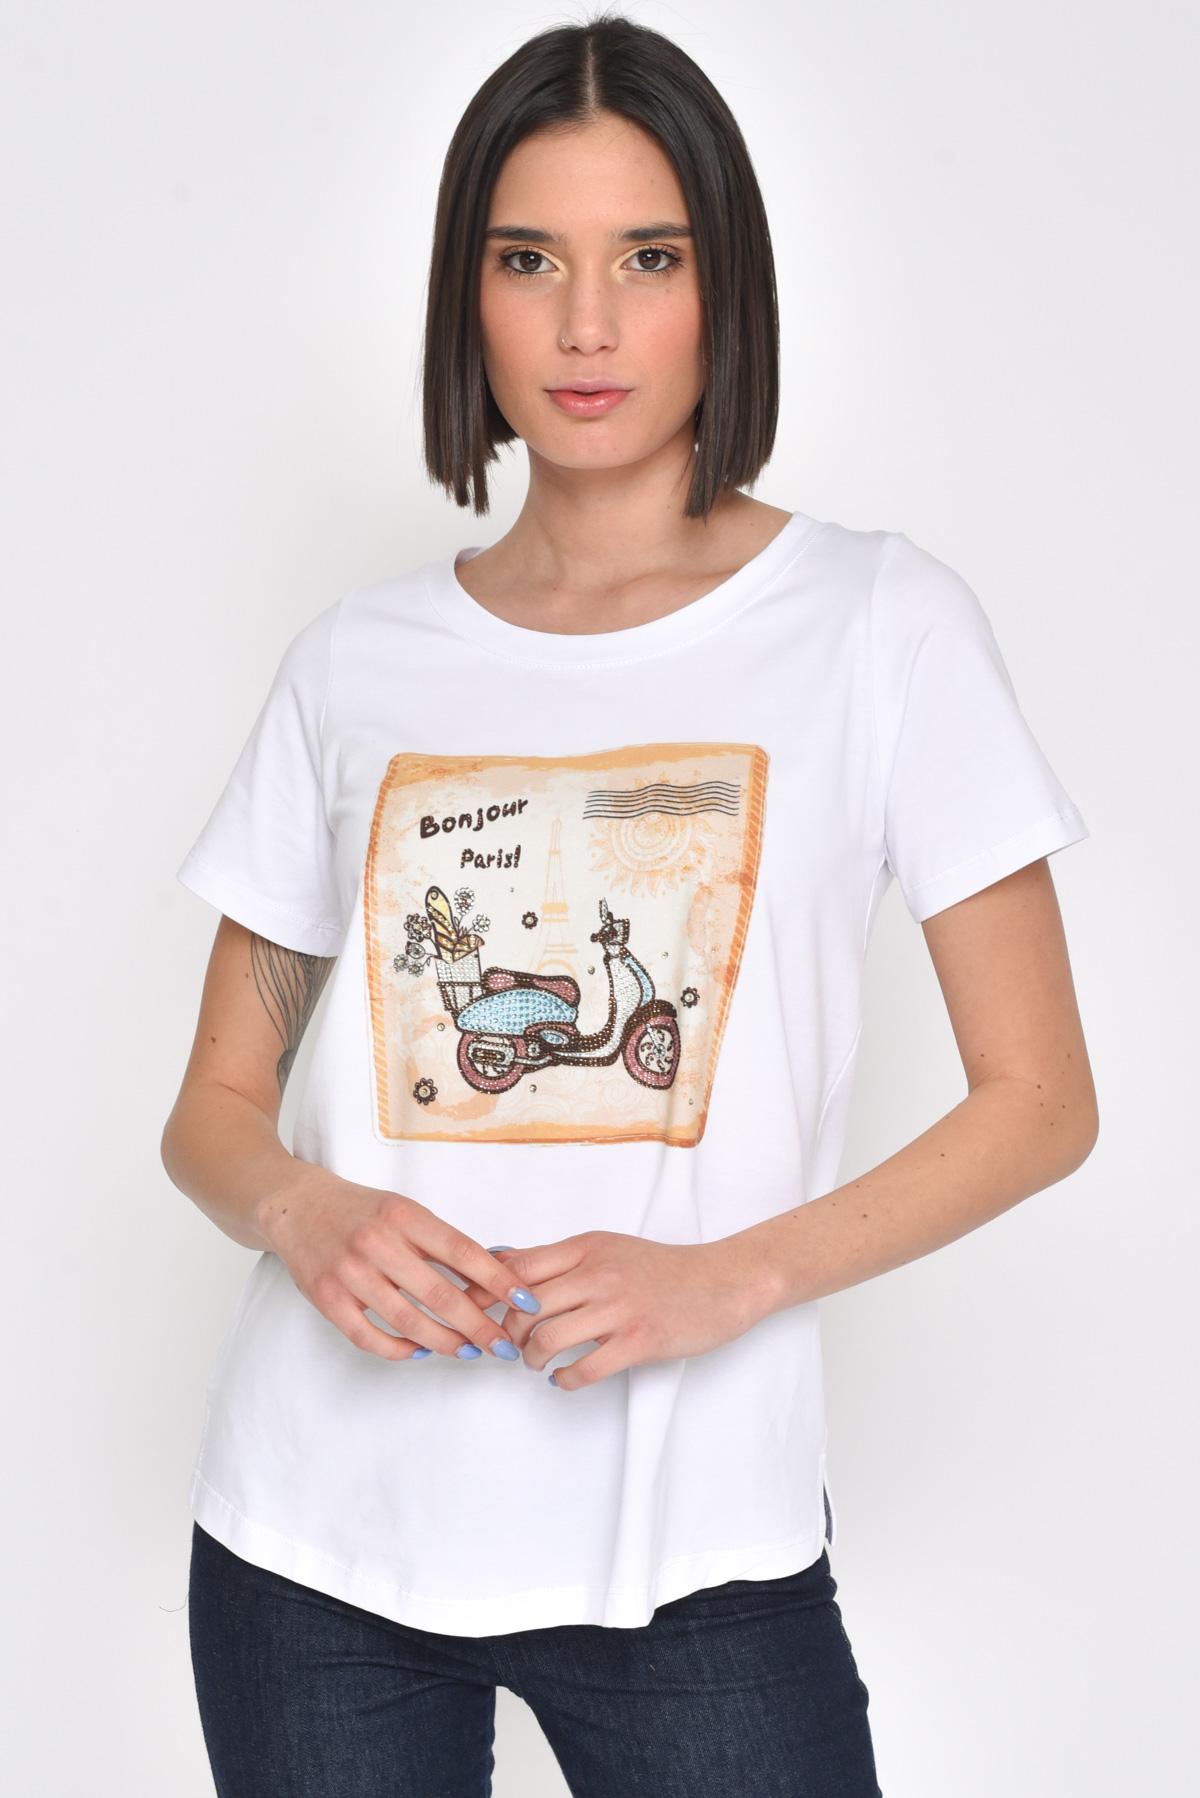 T-SHIRT BONJOUR PARIS da donna - BIANCO - Paquito Pronto Moda Shop Online